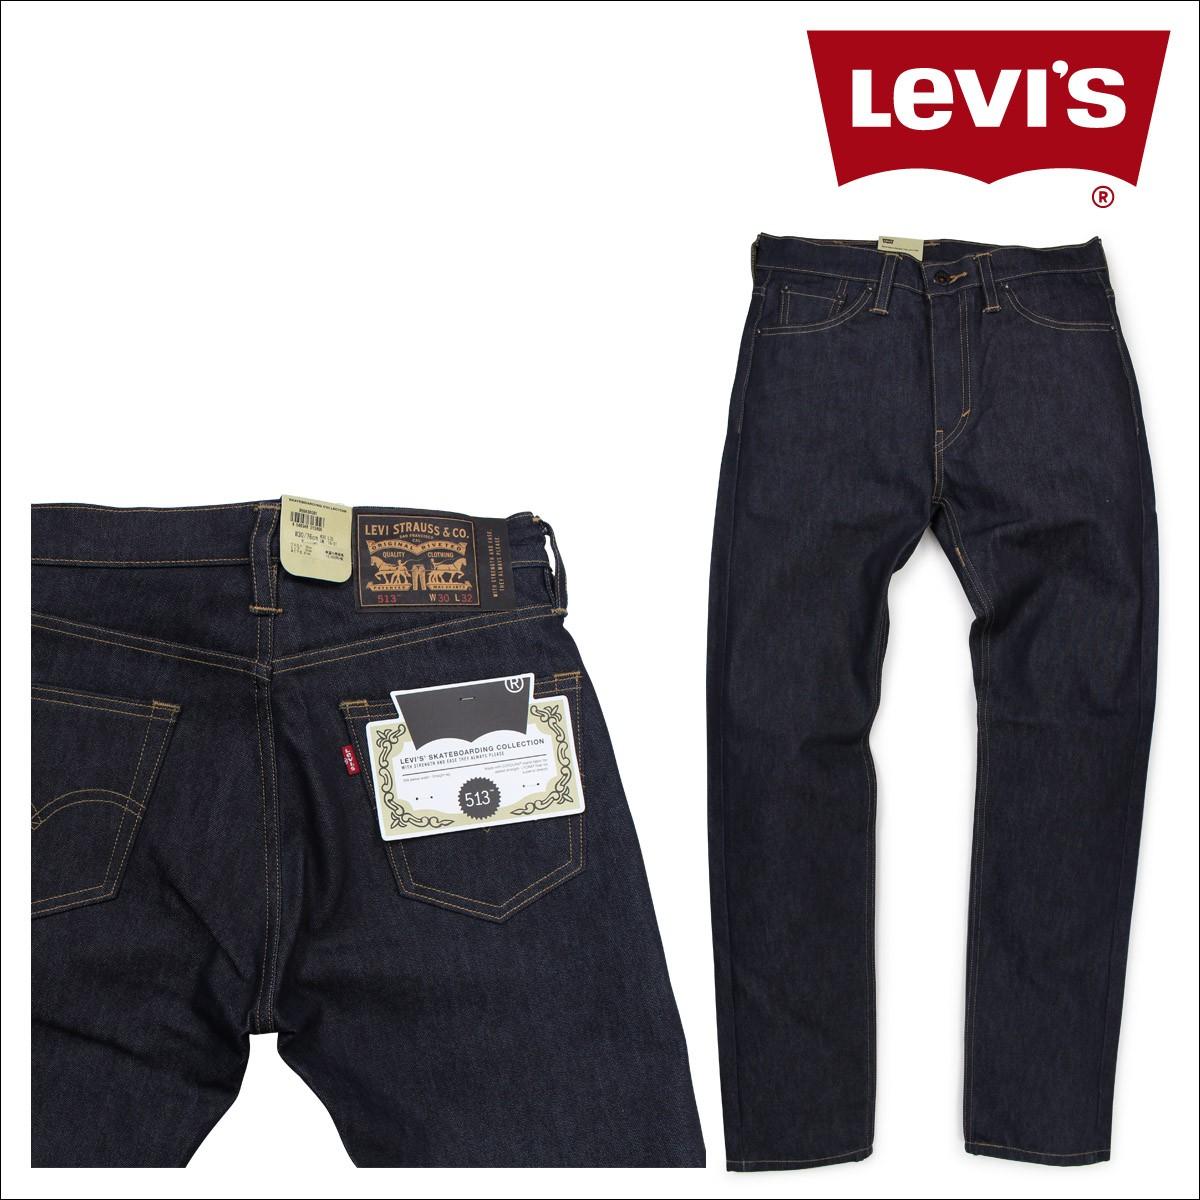 リーバイス 513 LEVI'S スリム ストレート スケートボーディング メンズ デニム パンツ SLIM STRAIGHT FIT 95583-0001 [1/10 新入荷]